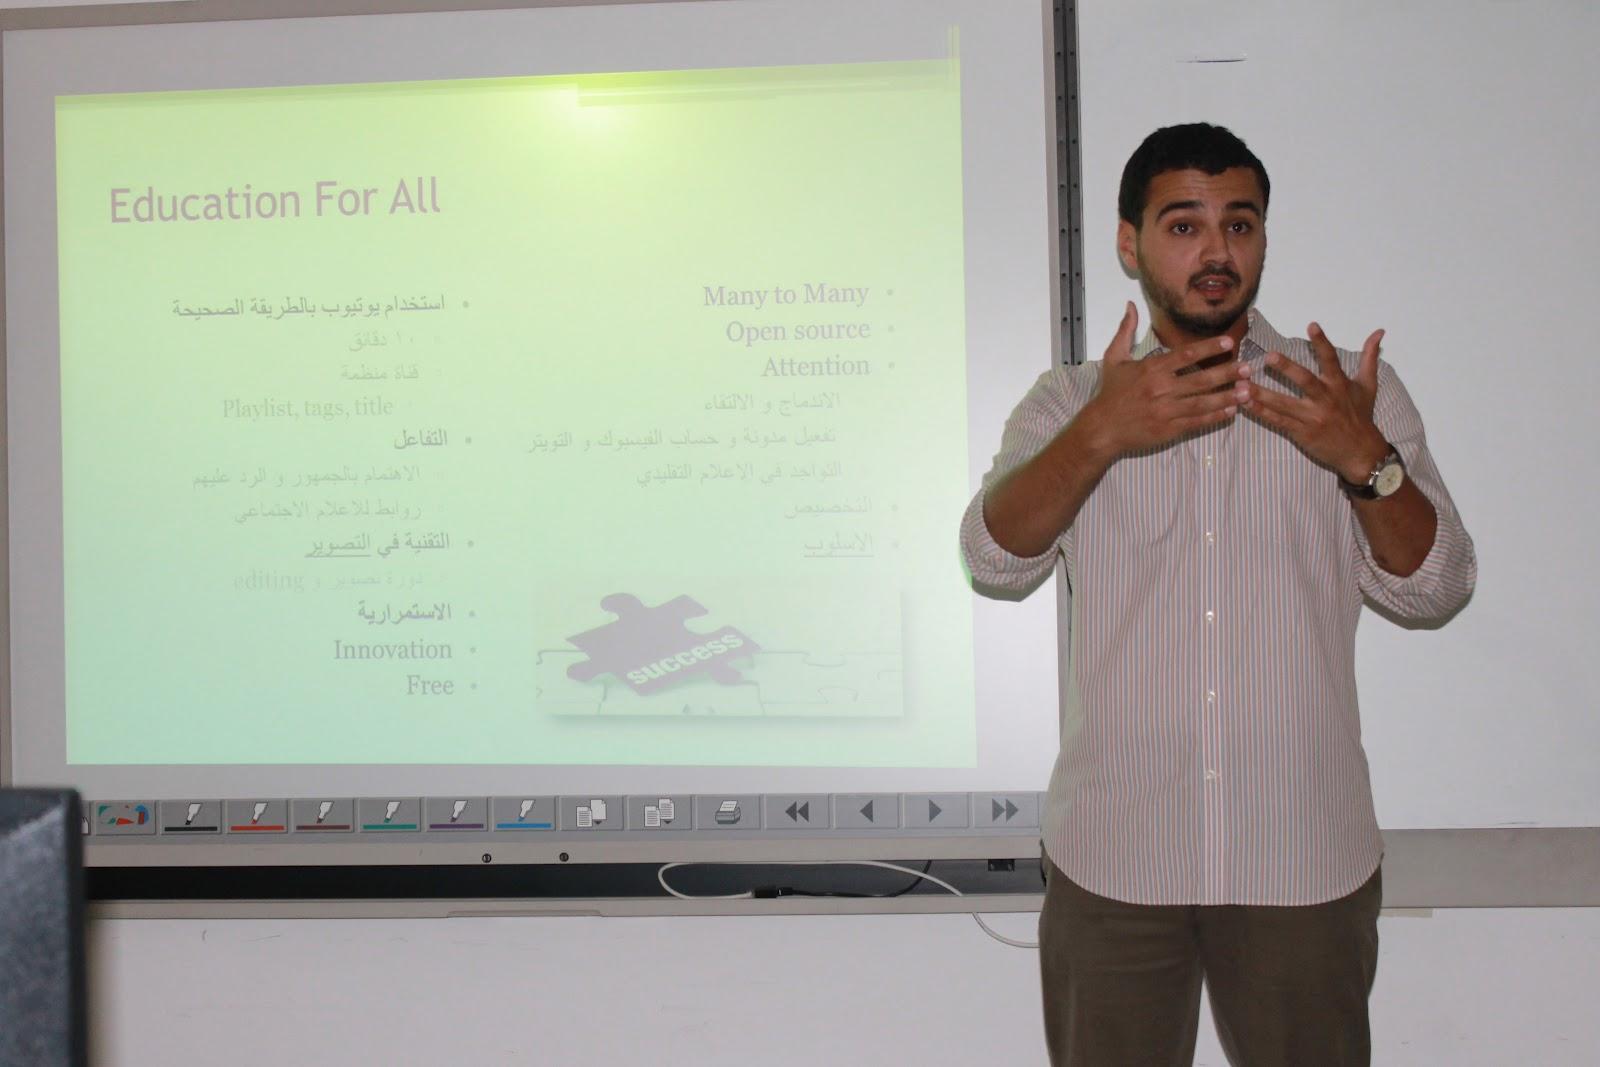 755988705 في يوم الخميس 19\7 قمنا باستضافة الدكتور عيسى النشمي ,وكانت المحاضرة بعنوان